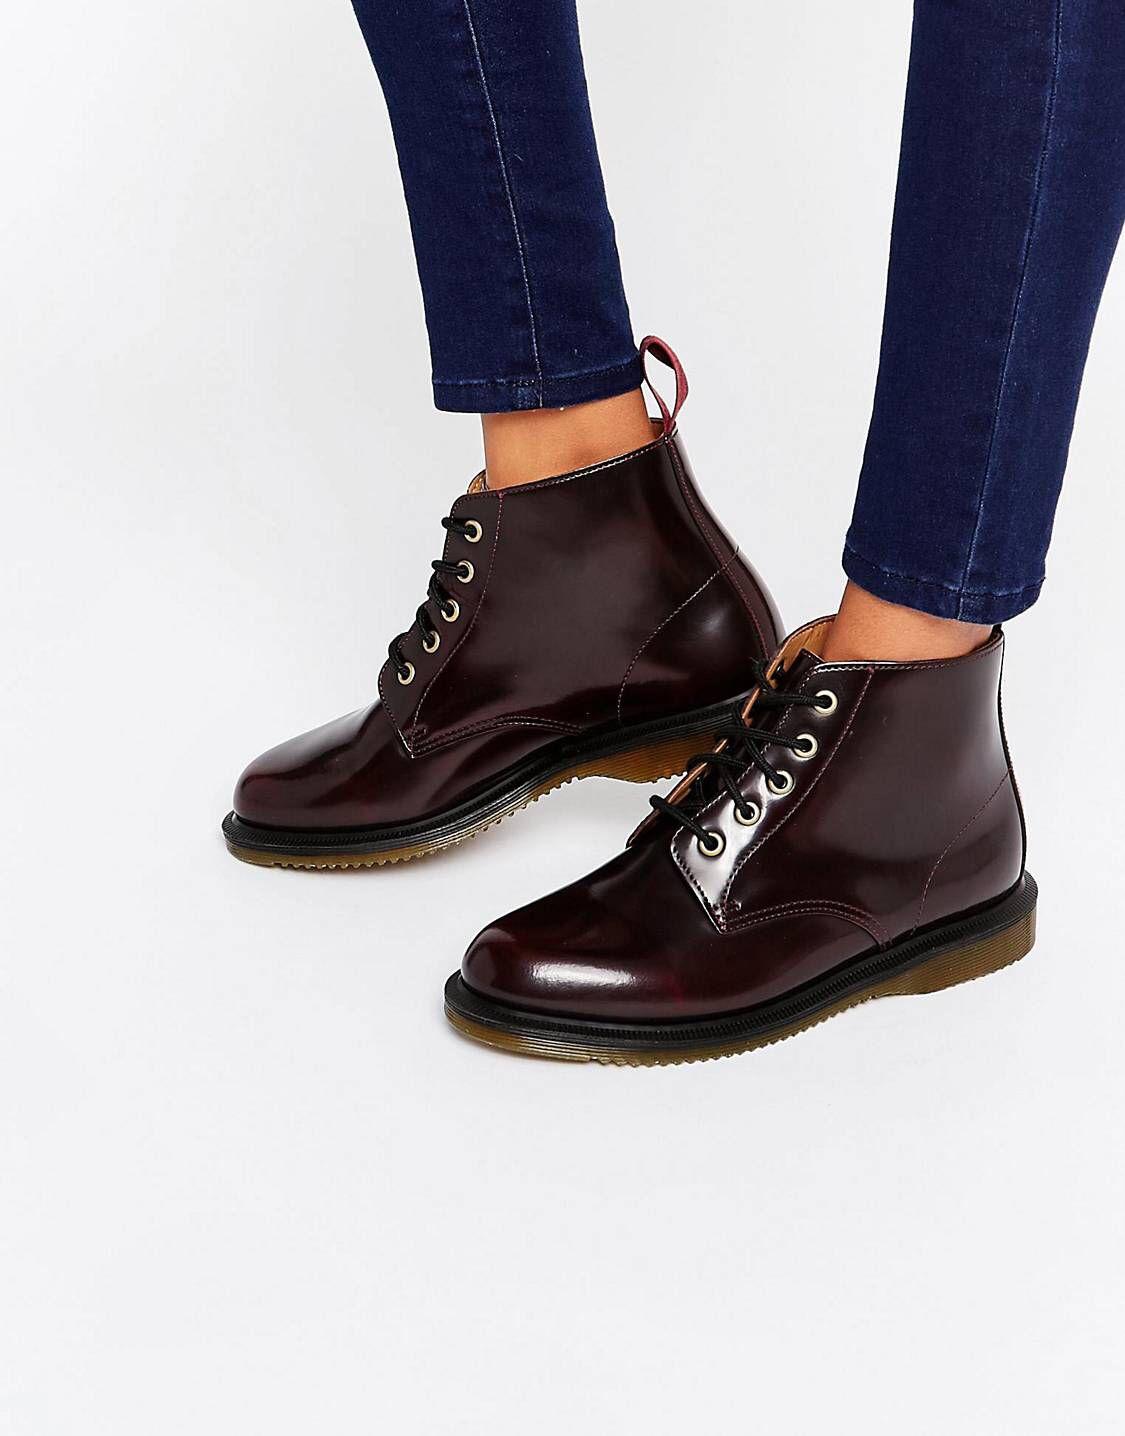 ff8a11c62aec9 Dr Martens Kensington Emmeline 5-Eye Cherry Boots